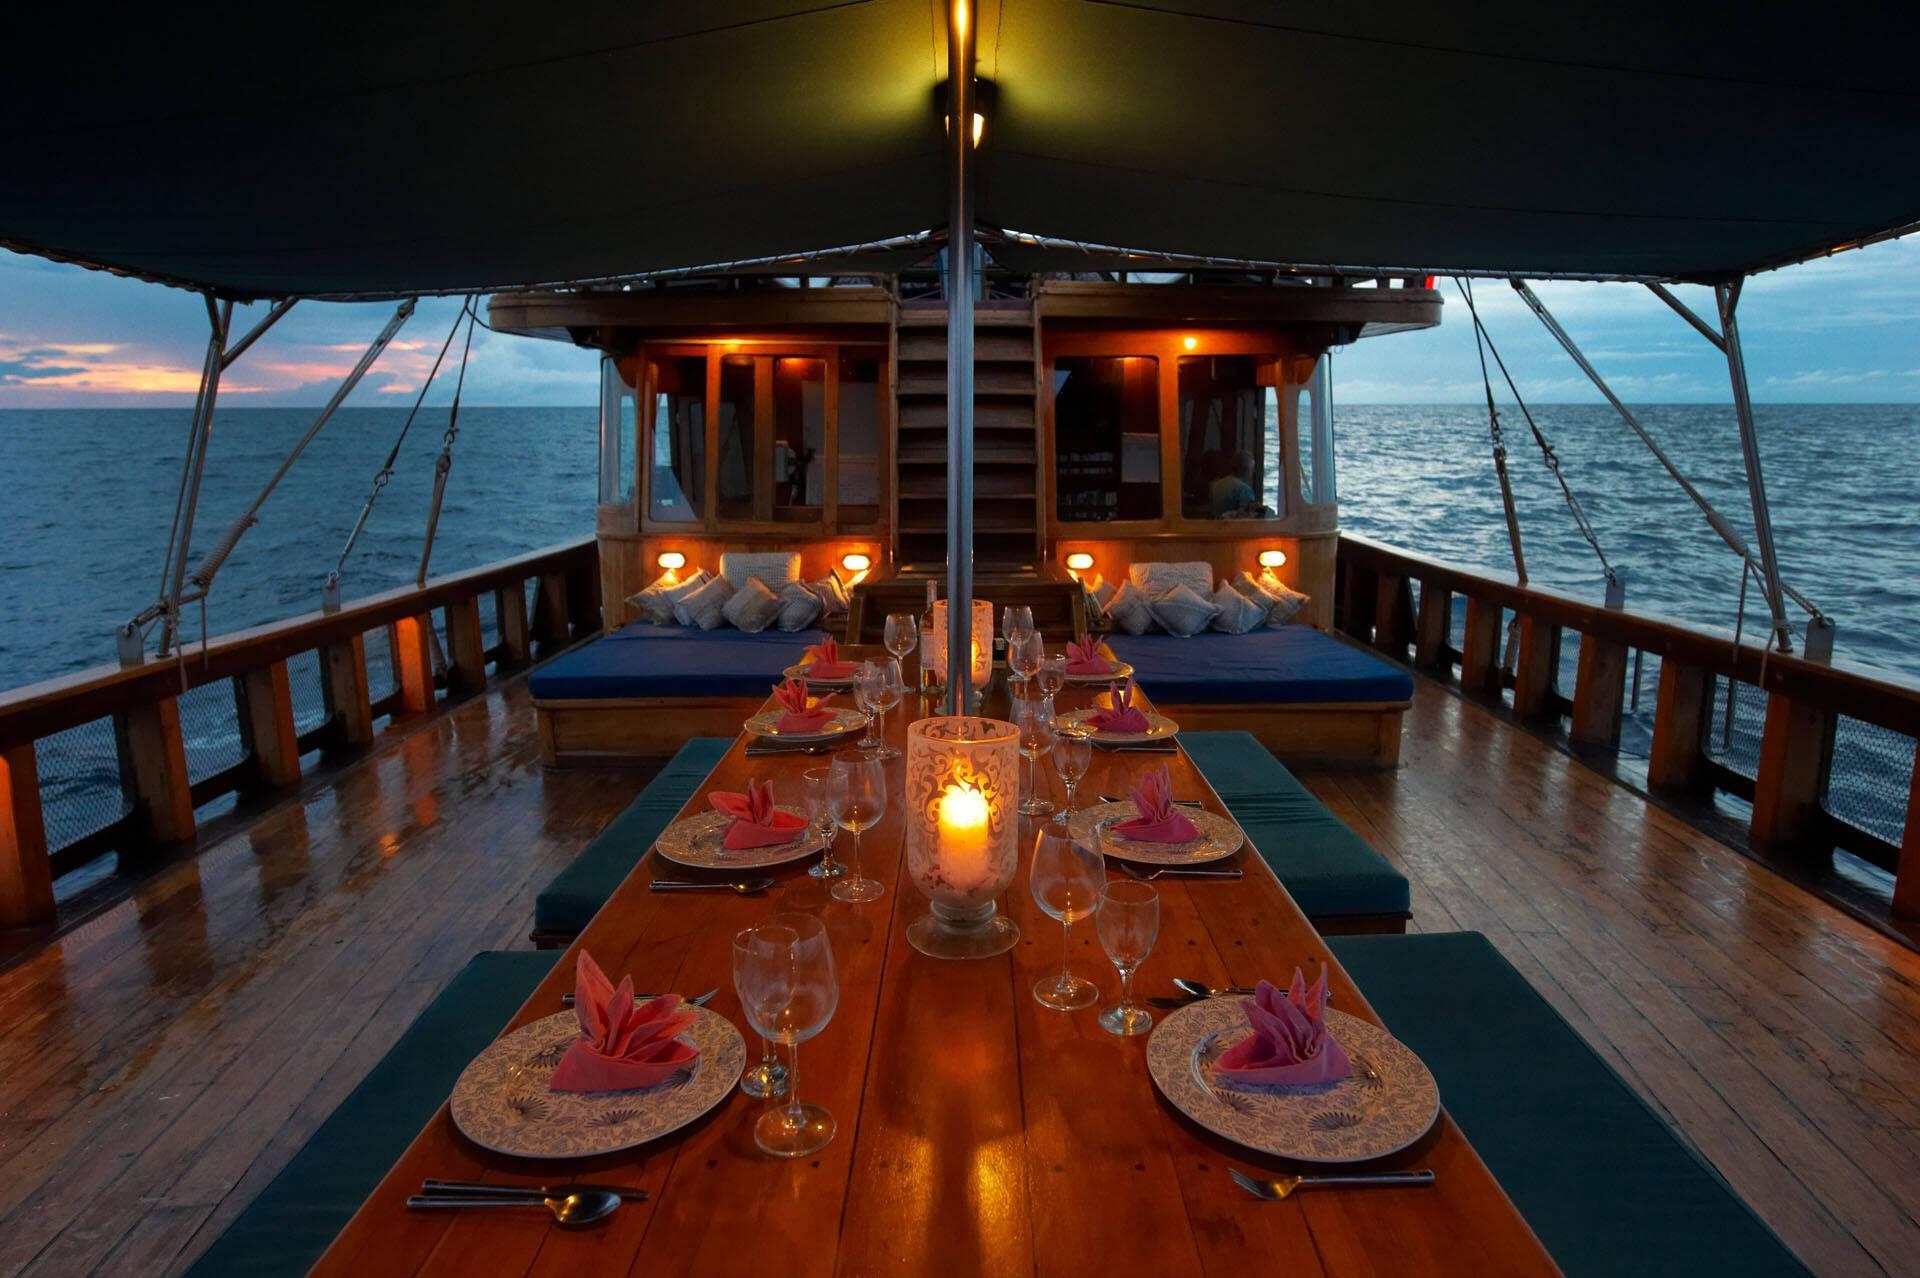 Tiger Blue Komodo Indonesie Diner